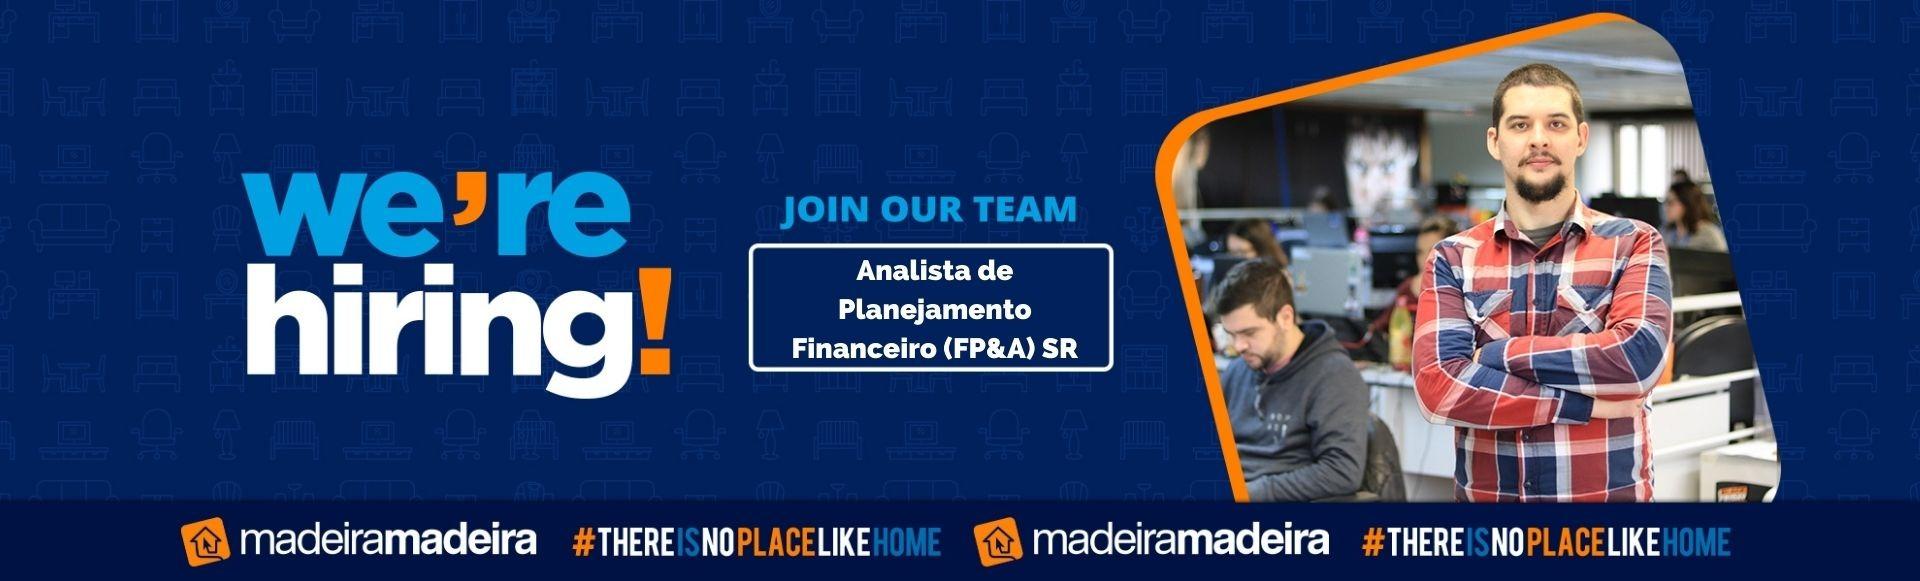 Analista de Planejamento Financeiro (FP&A) SR